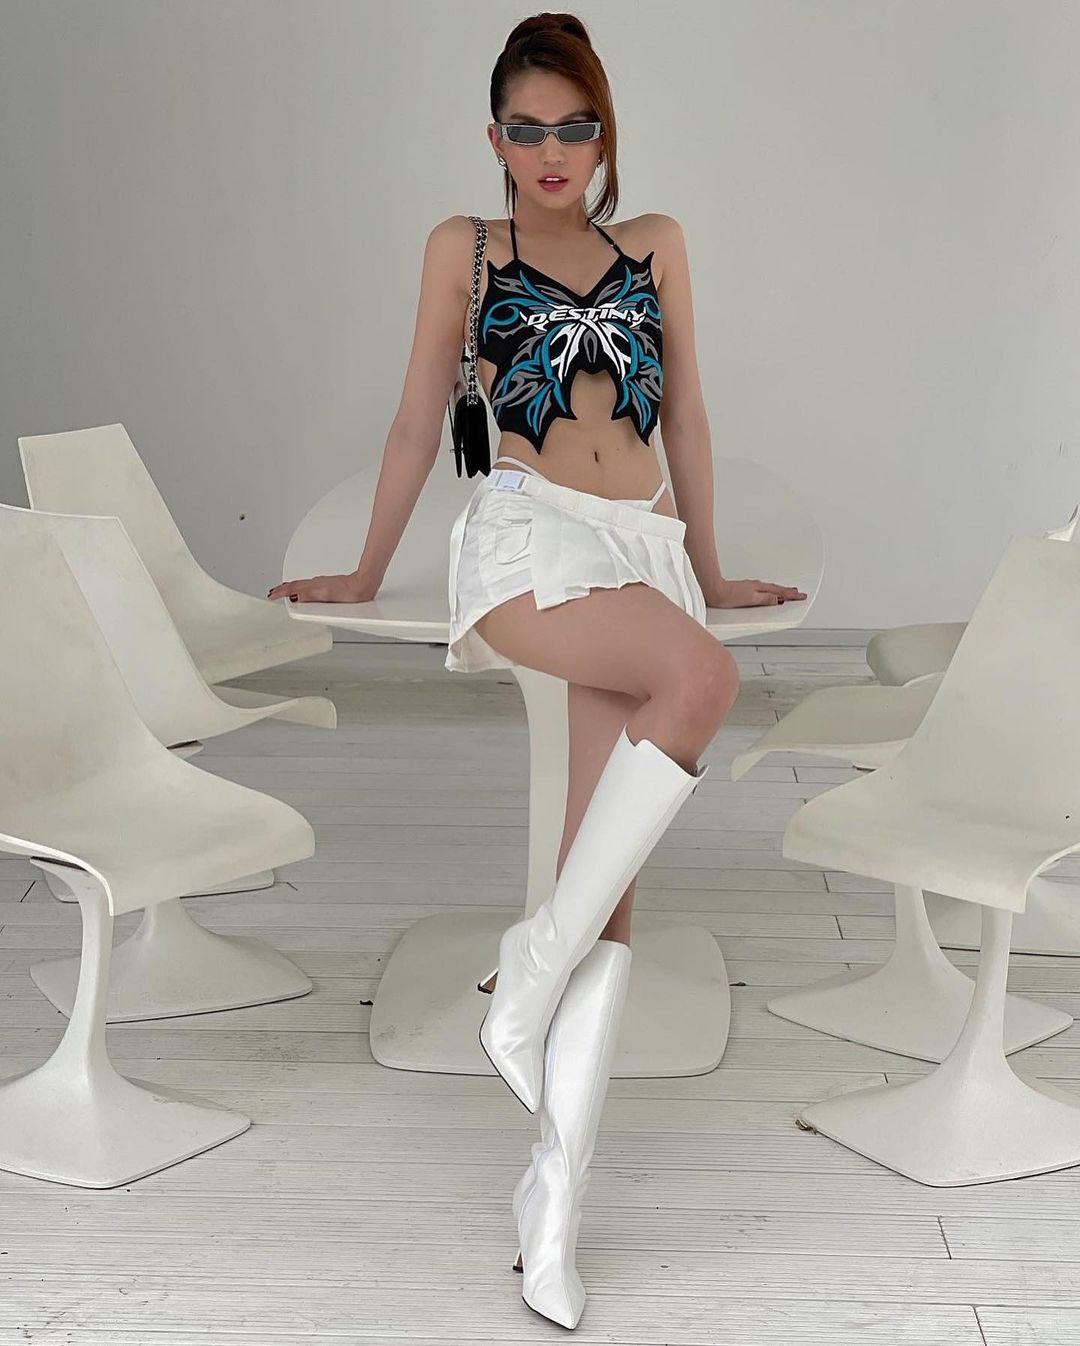 Ngọc Trinh diện chung áo với Lisa (BLACKPINK): Style khác biệt, đẳng cấp cũng cách biệt rõ ràng - Ảnh 3.